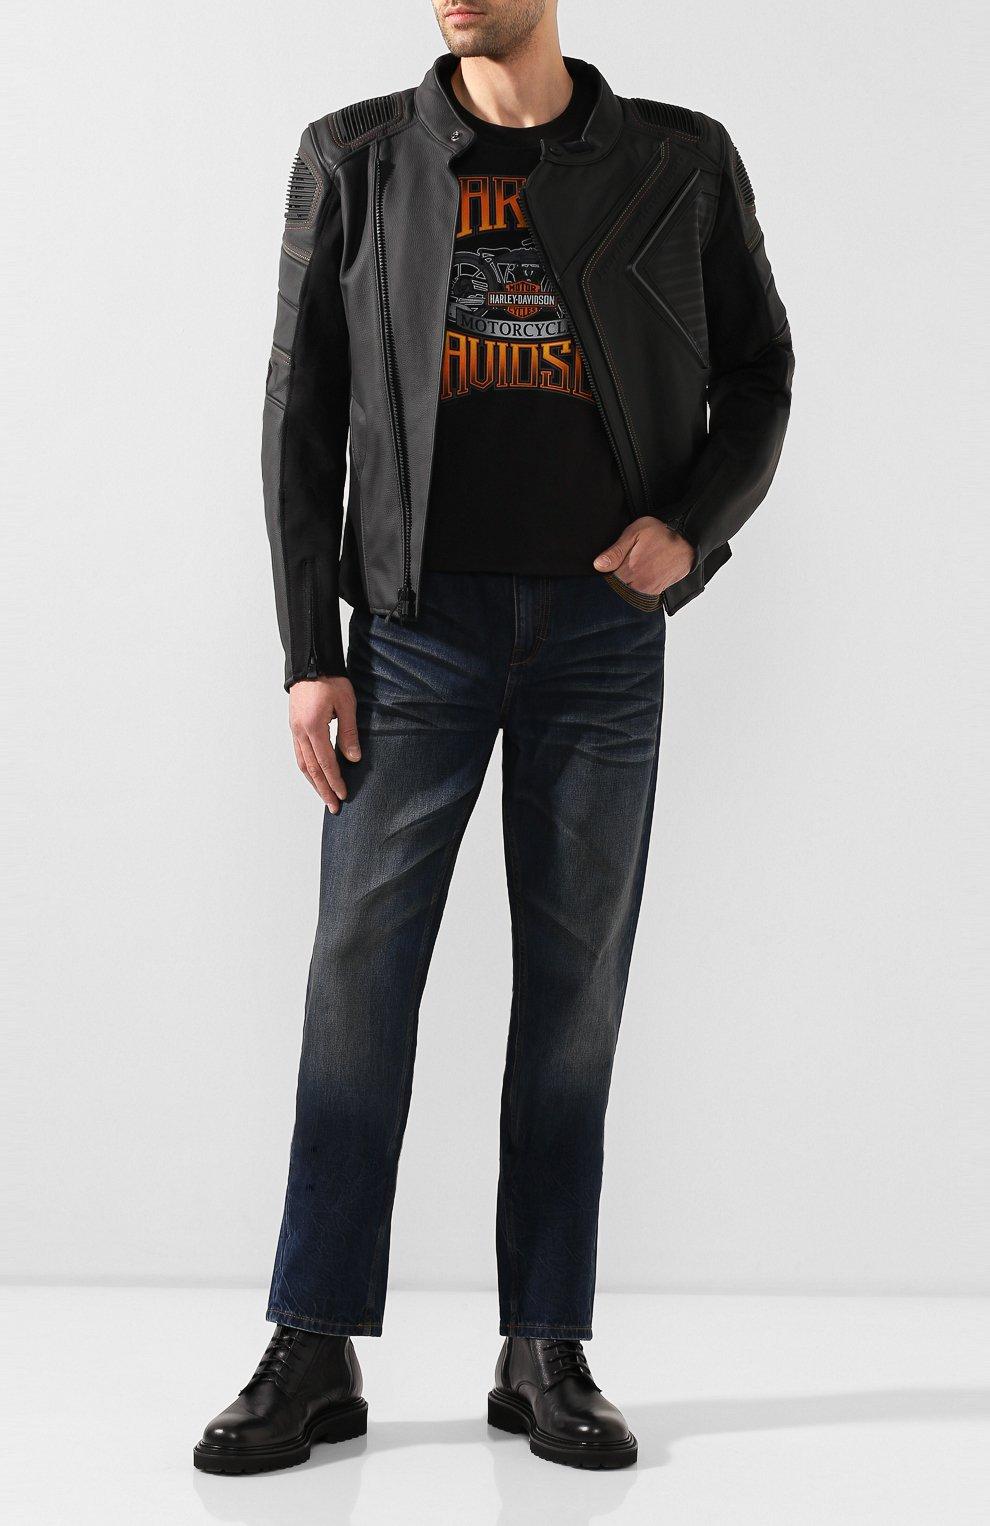 Мужские джинсы genuine motorclothes HARLEY-DAVIDSON синего цвета, арт. 96523-17VM | Фото 2 (Силуэт М (брюки): Прямые; Длина (брюки, джинсы): Стандартные; Материал внешний: Хлопок)